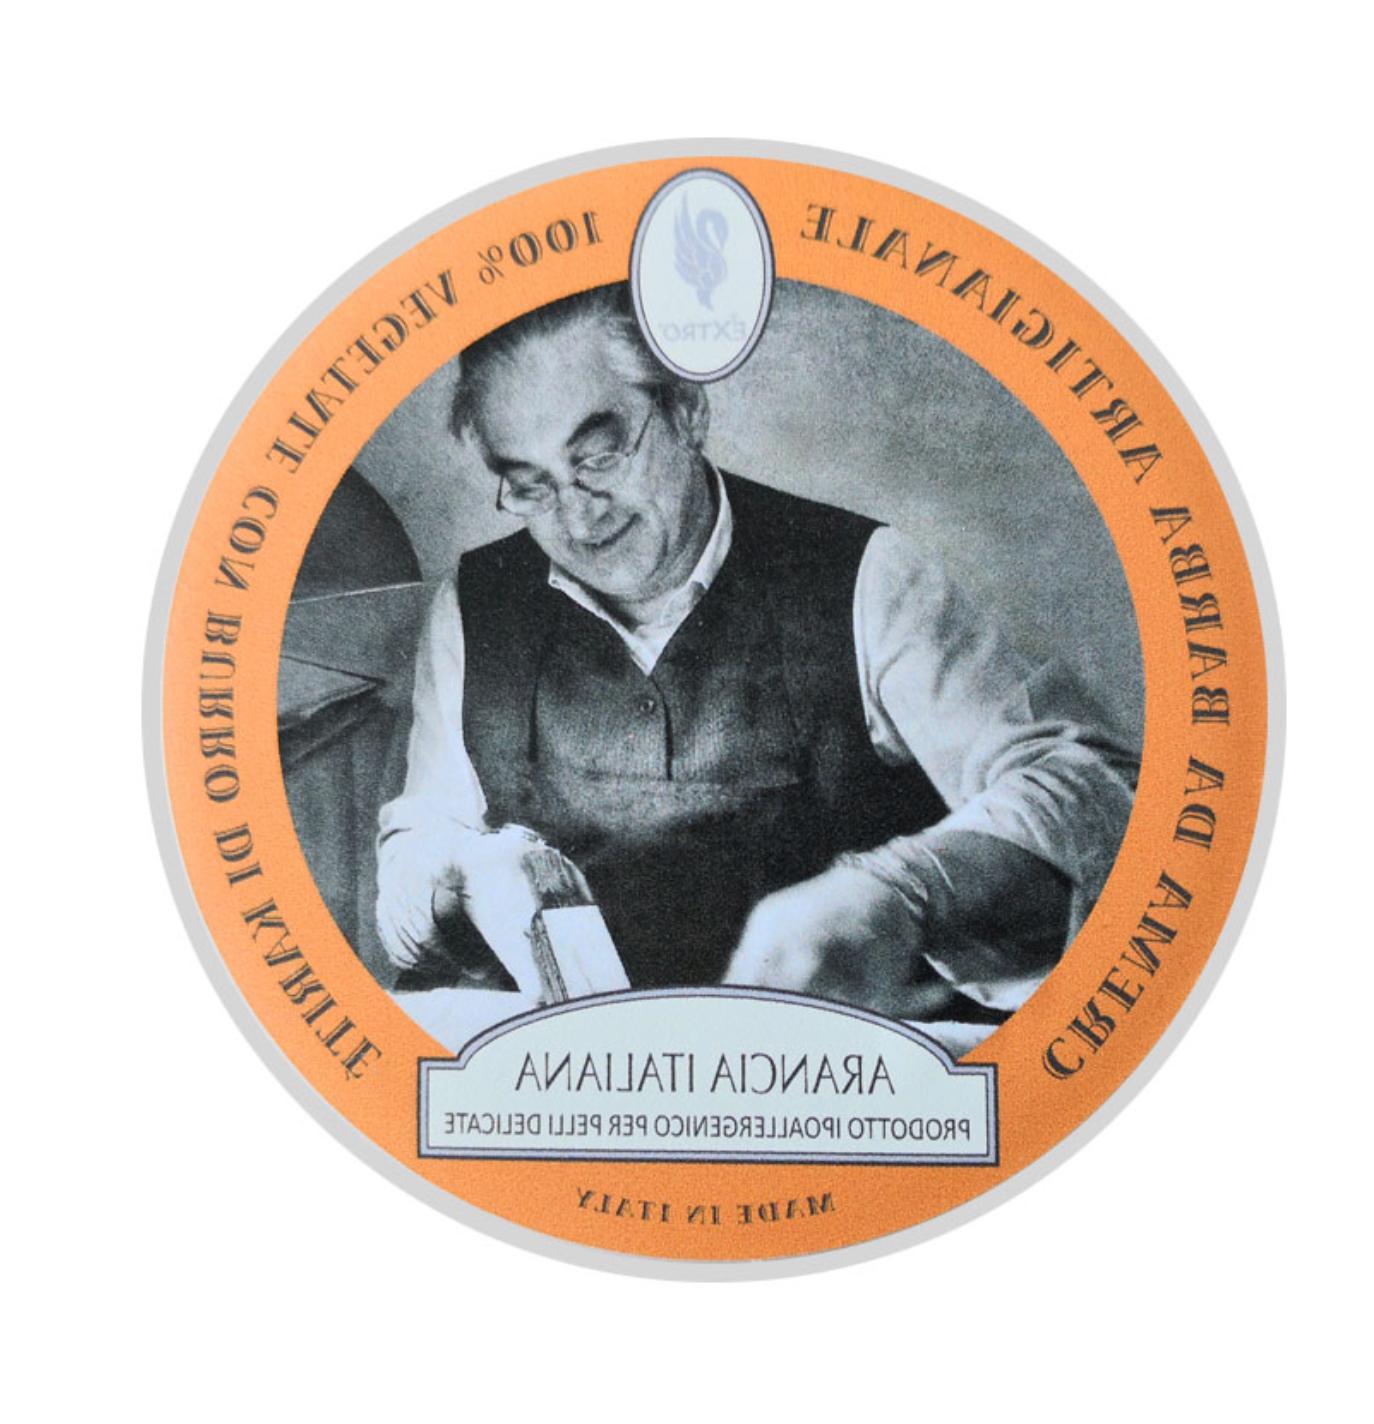 shaving cream 150ml arancia italiana